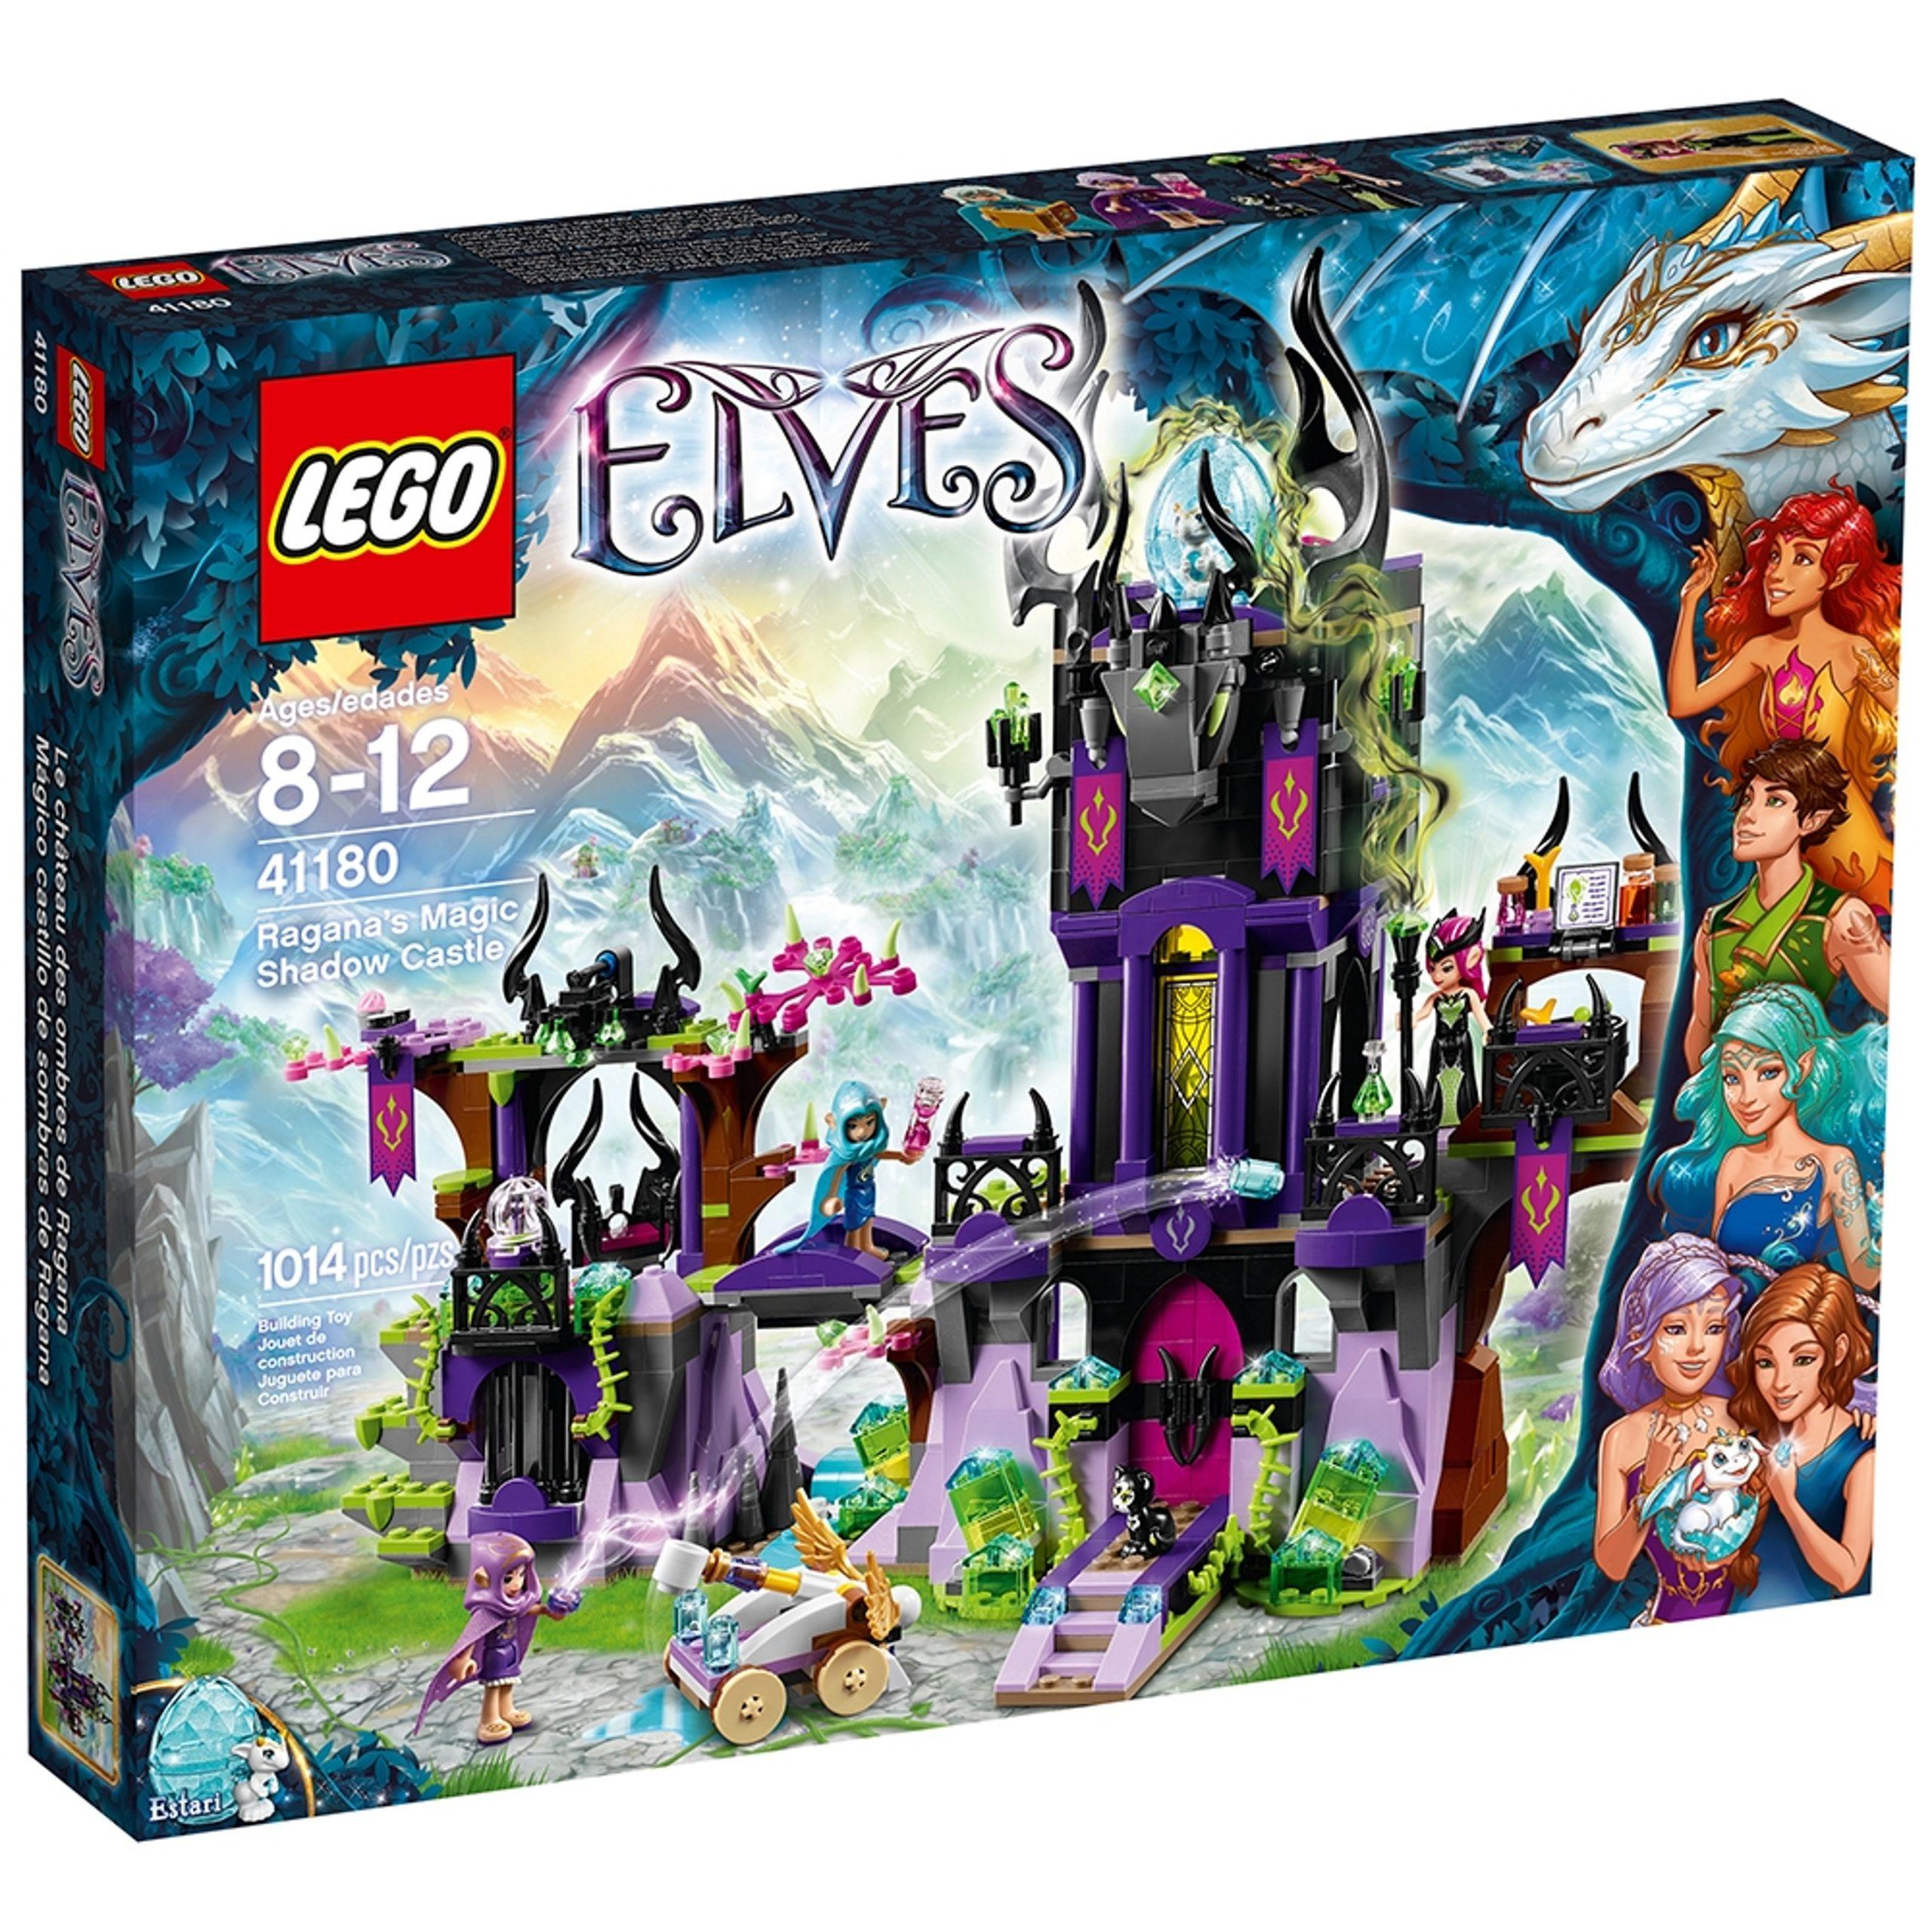 lego 41180 raganas magic shadow castle scaled